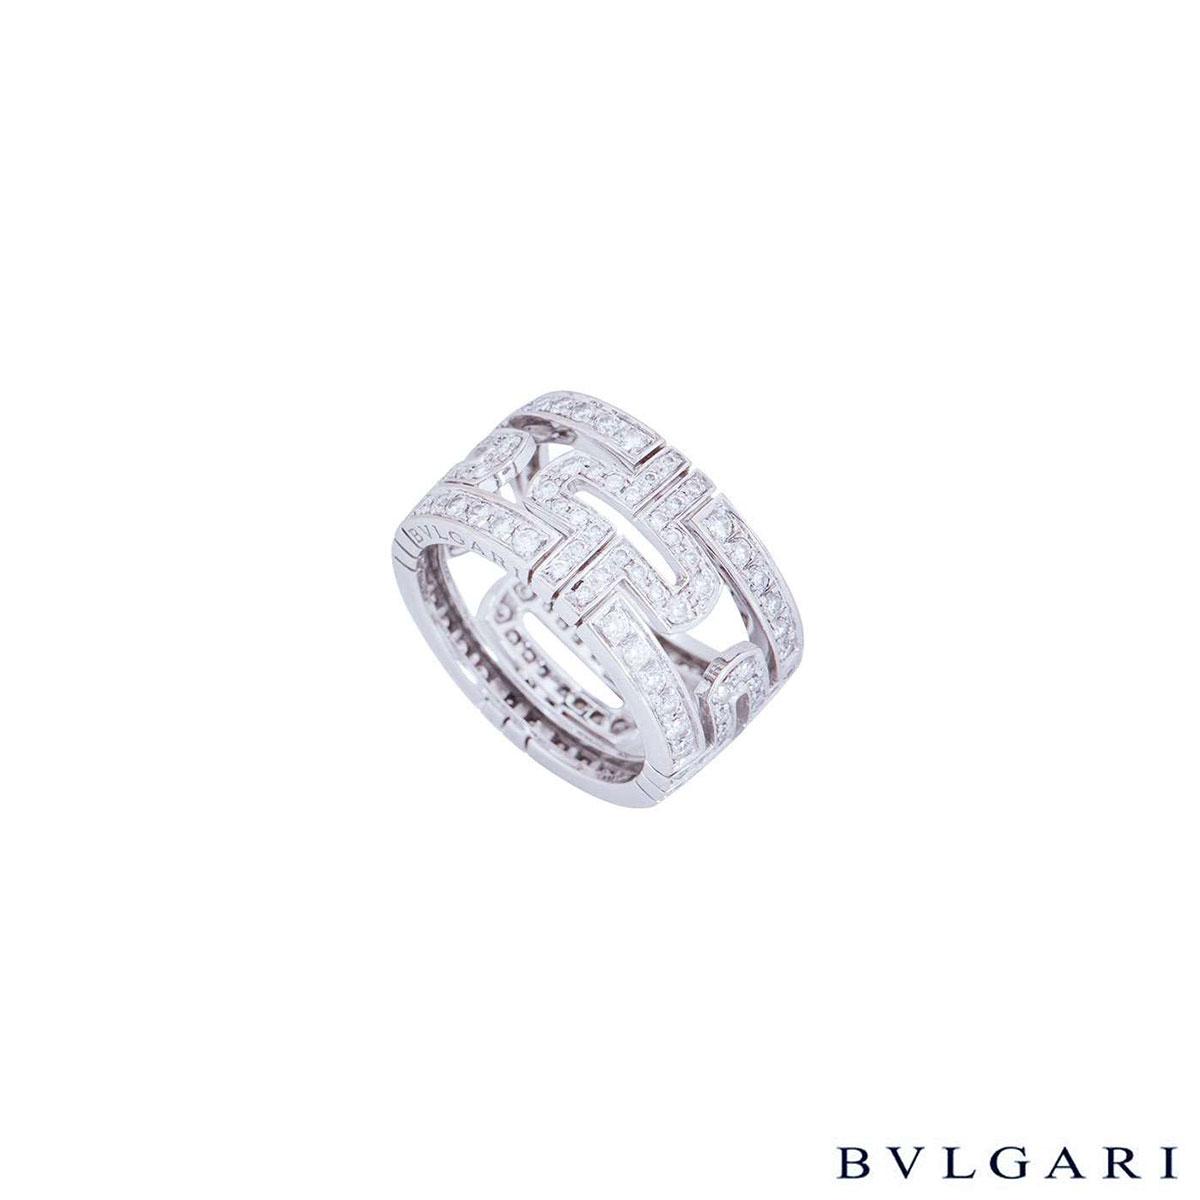 Bvlgari White Gold Diamond Set Parentesi Ring